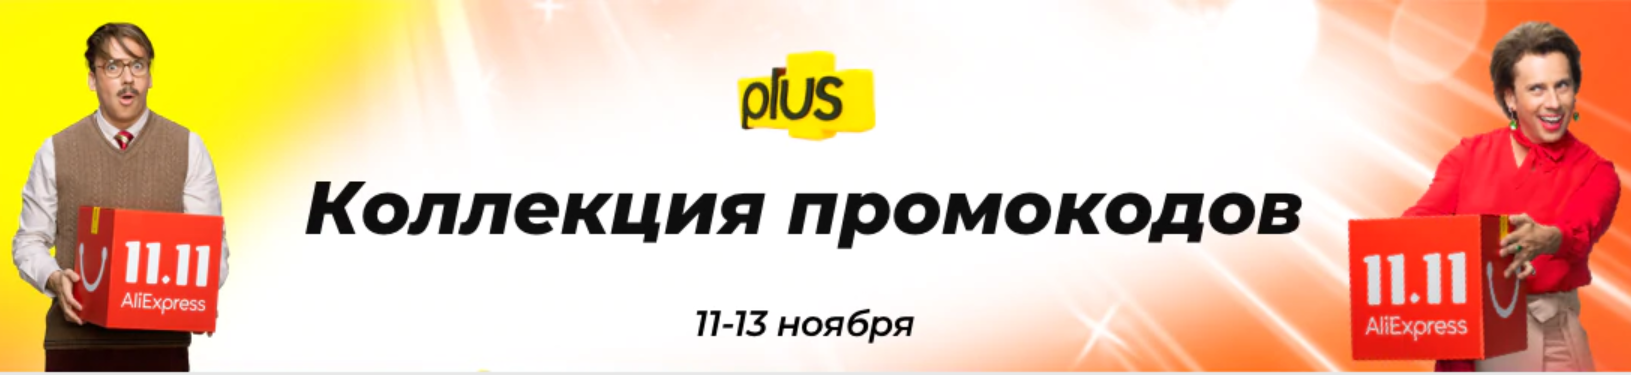 промокоды распродажи алиэкспресс 11 ноября 2020